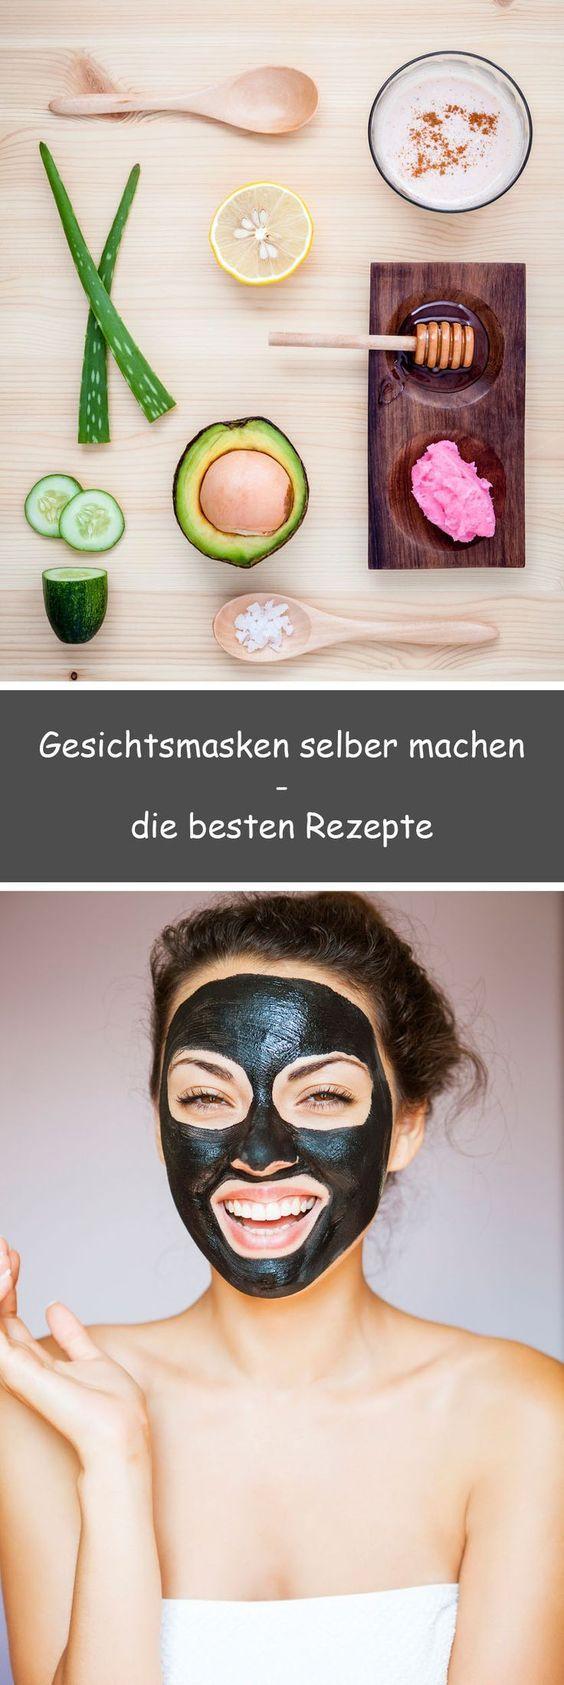 Egal welcher Hauttyp Sie sind: Mit diesen Masken zum selber machen werden Pickel, Unreinheiten oder trockene und fettige Haut verschwinden.